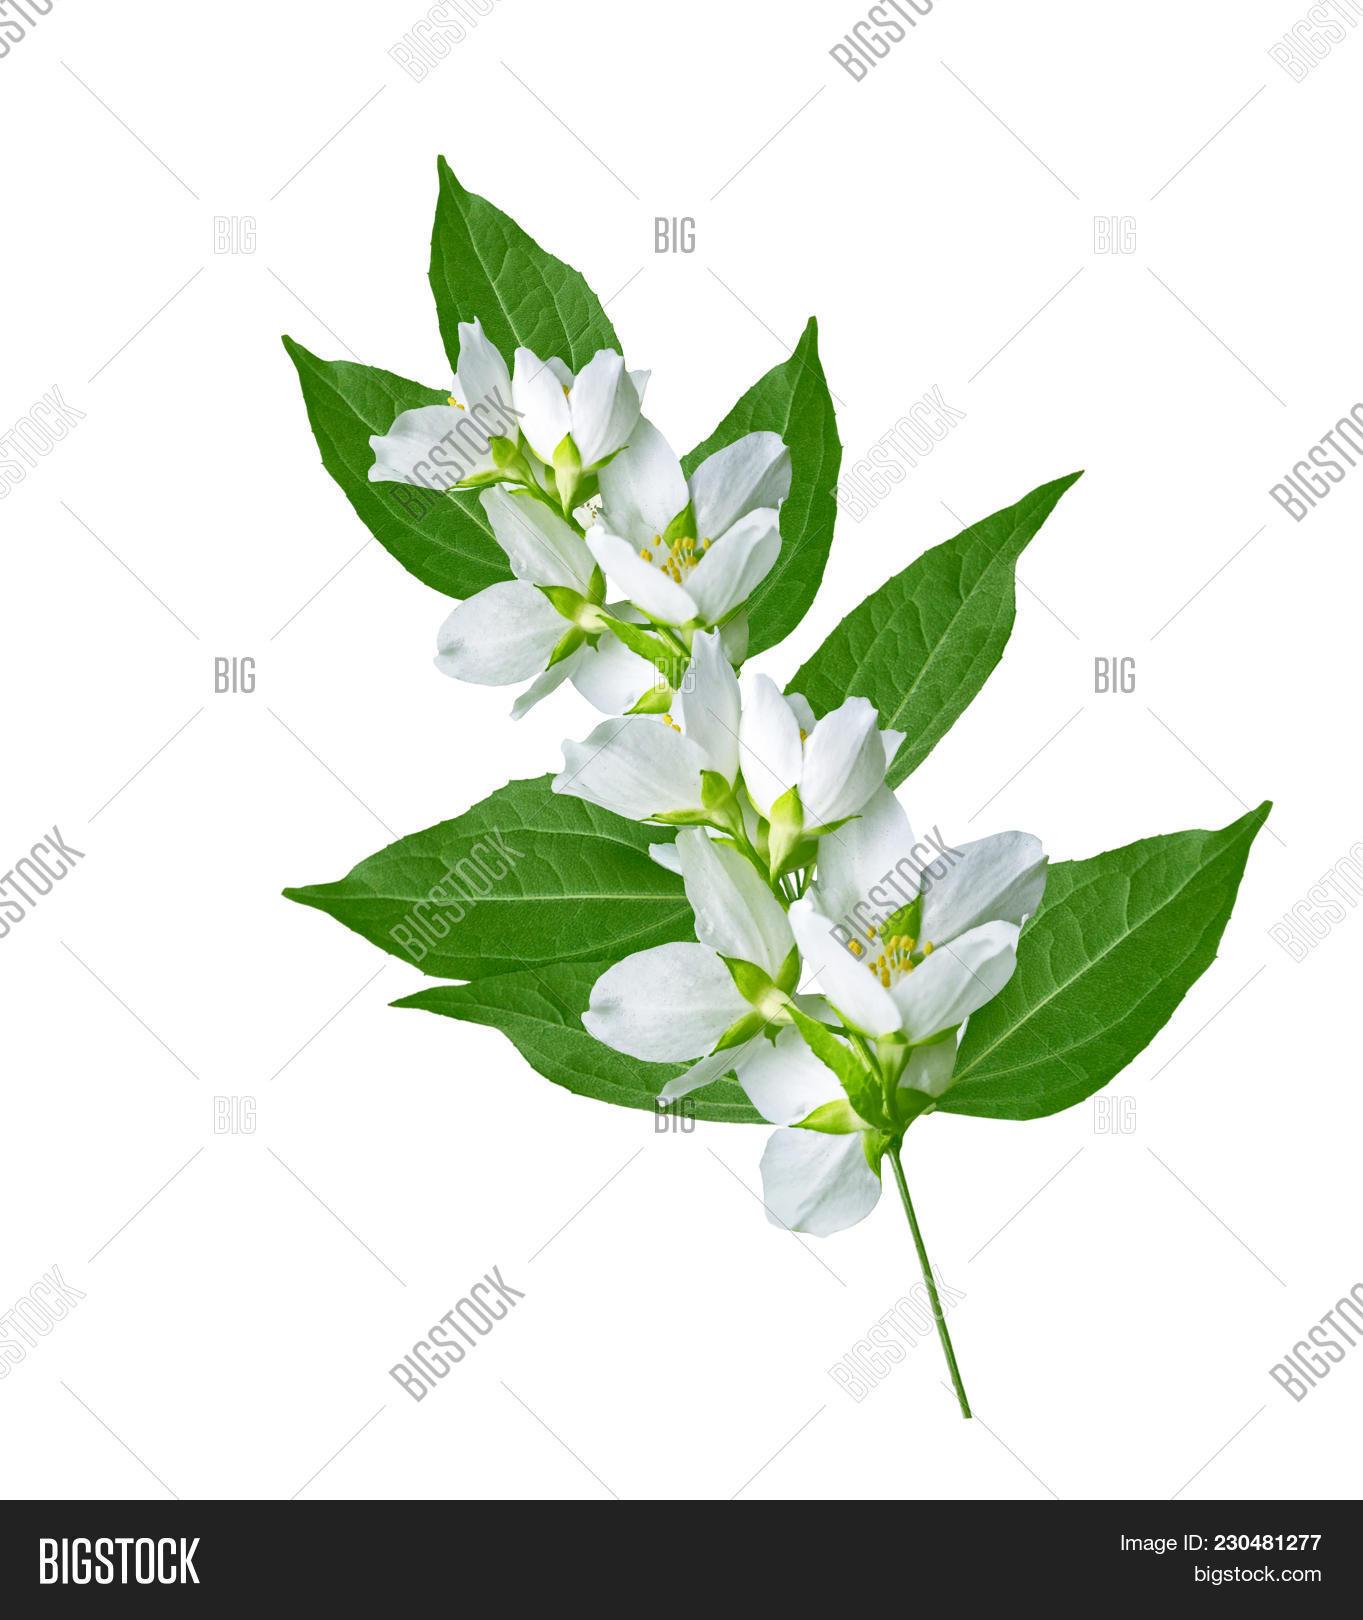 Branch jasmine flowers image photo free trial bigstock branch of jasmine flowers isolated on white background izmirmasajfo